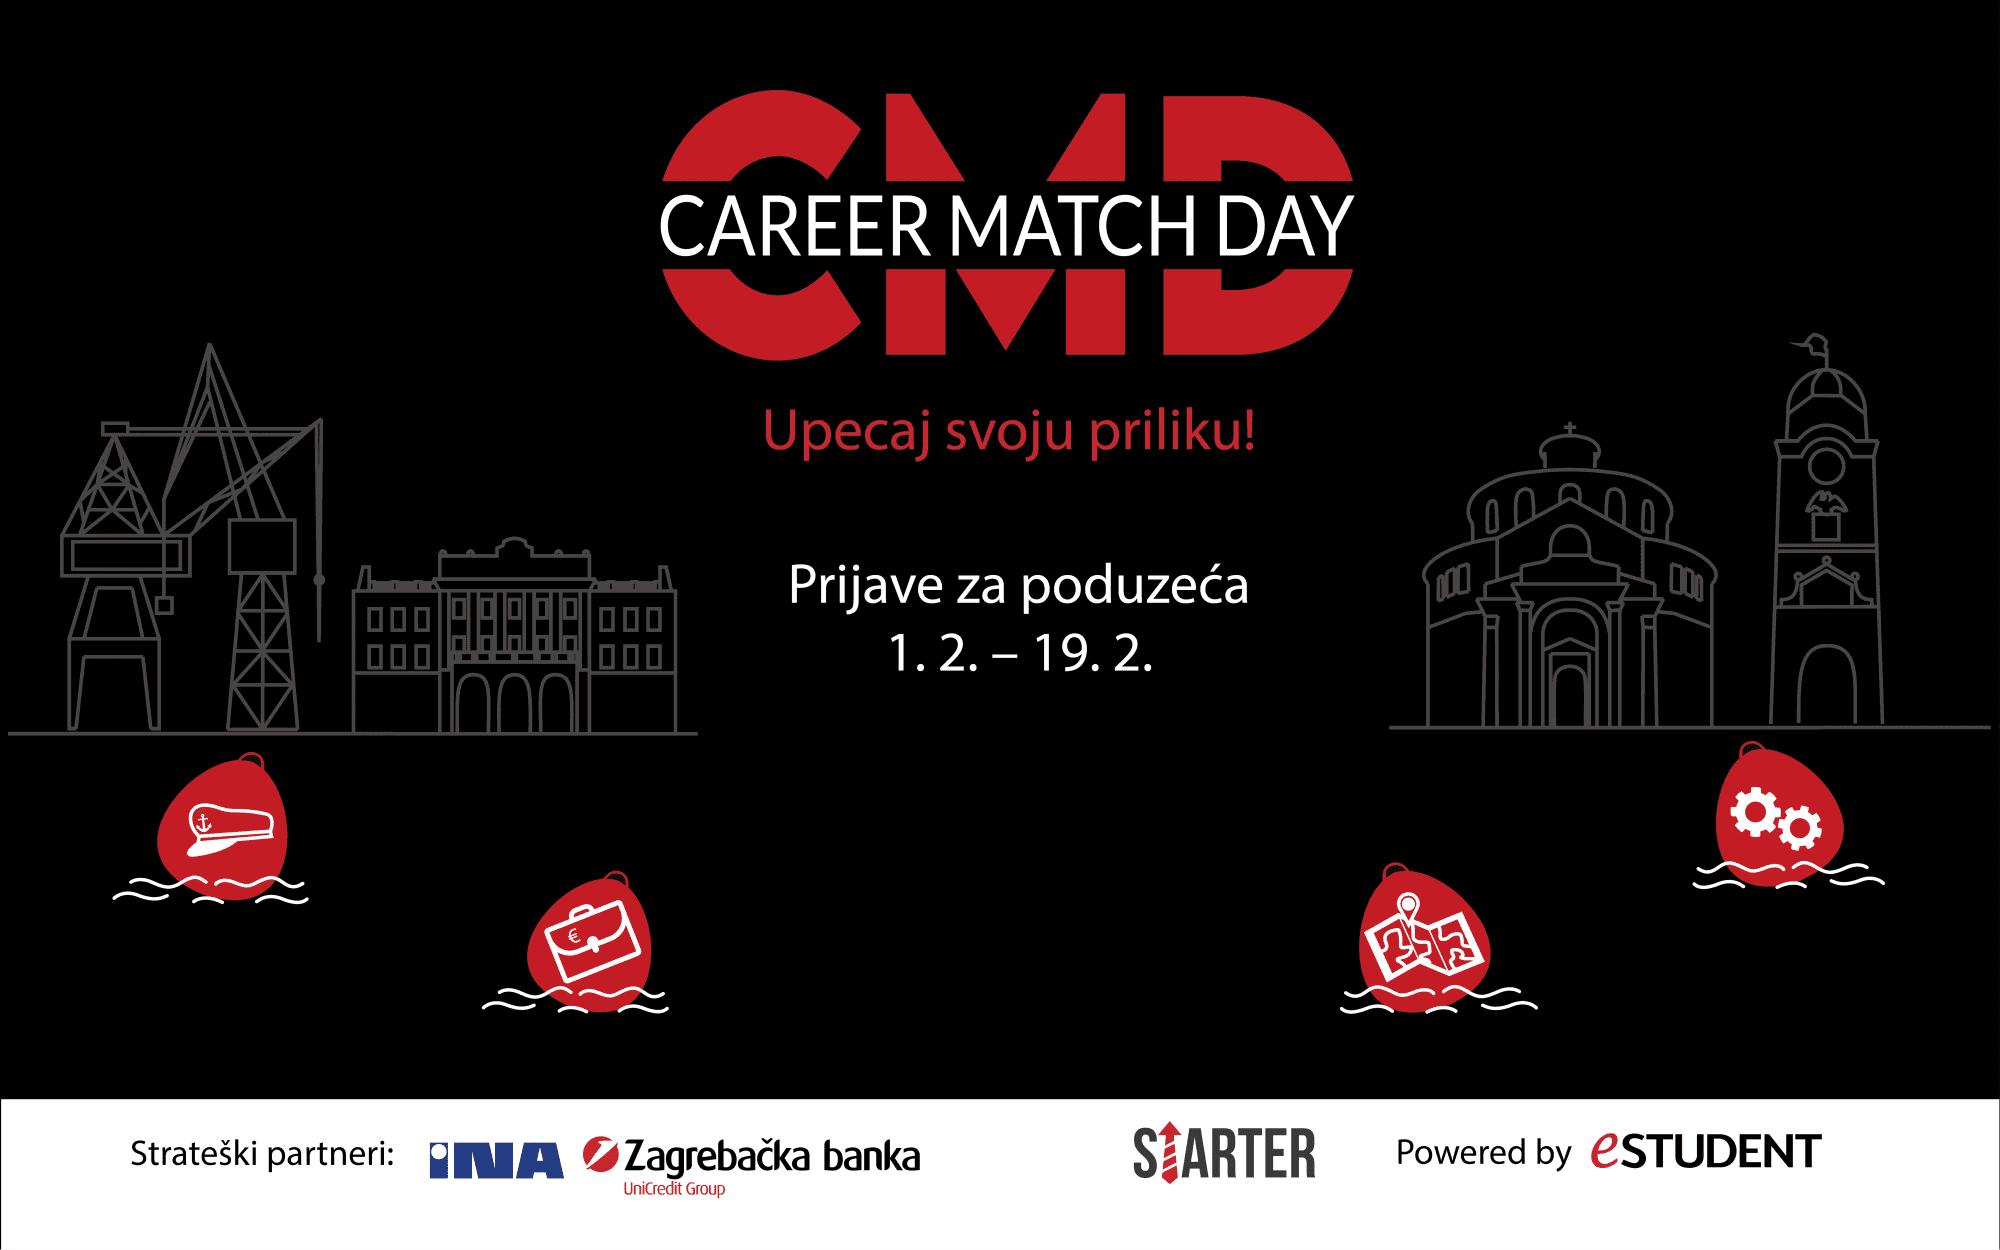 Počinju  prijave poduzeća za Career Match Day: upecajte svoju priliku!